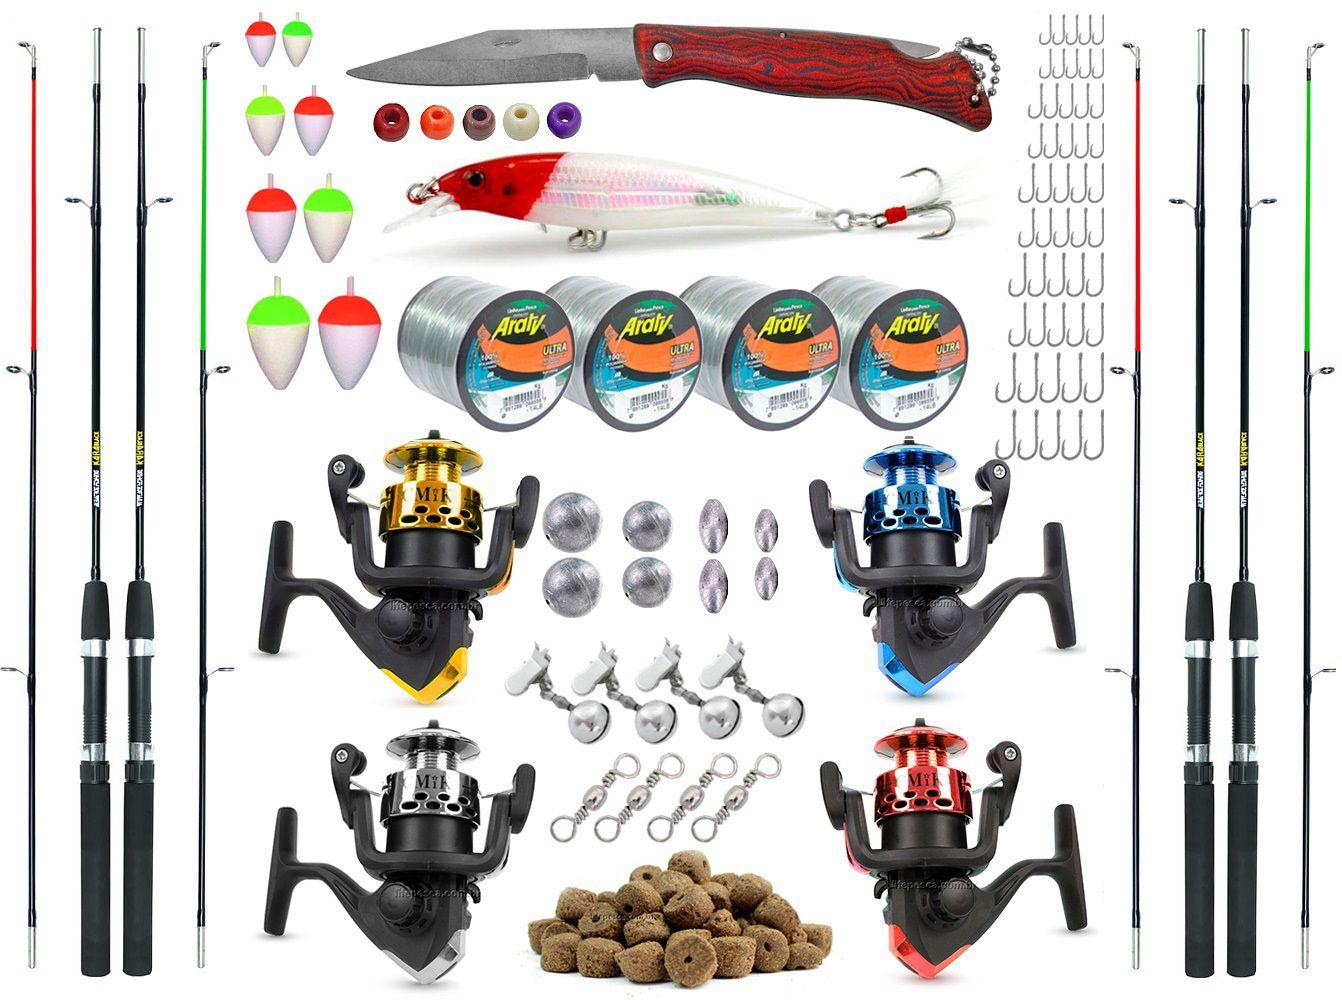 Kit De Pesca Completo 4 Varas 4 Molinetes + Acessórios (Ref. 03)